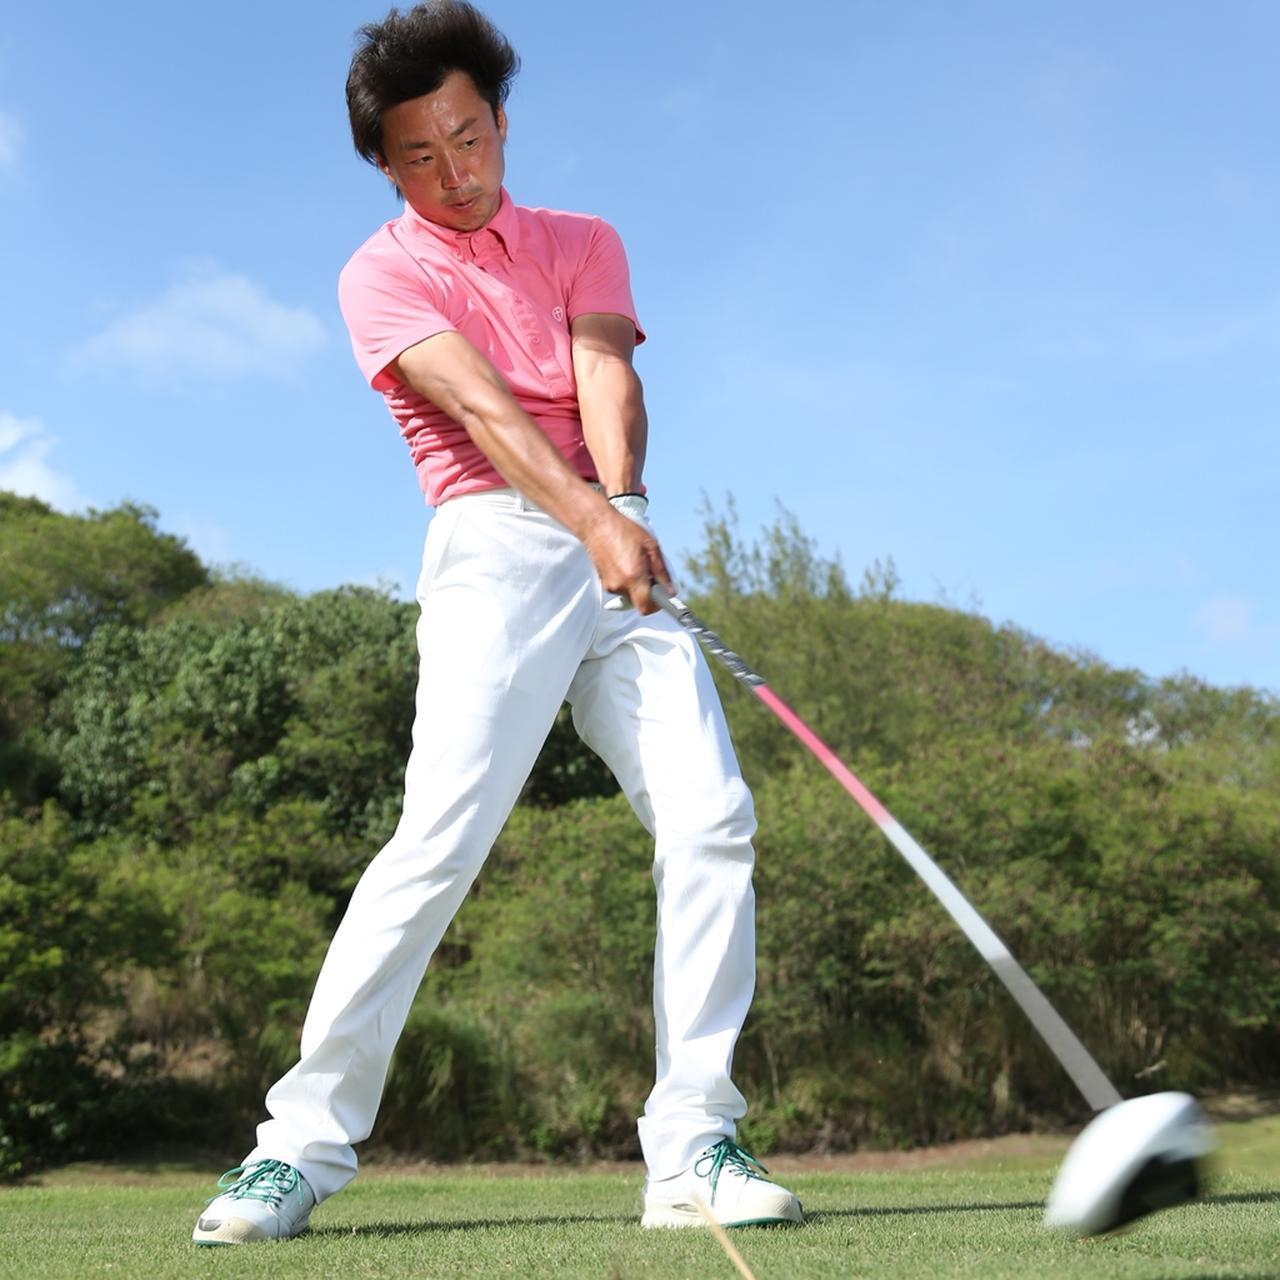 画像: 肩甲骨を活用することで腕の長さ分クラブが長くなることになり、飛距離も伸びる